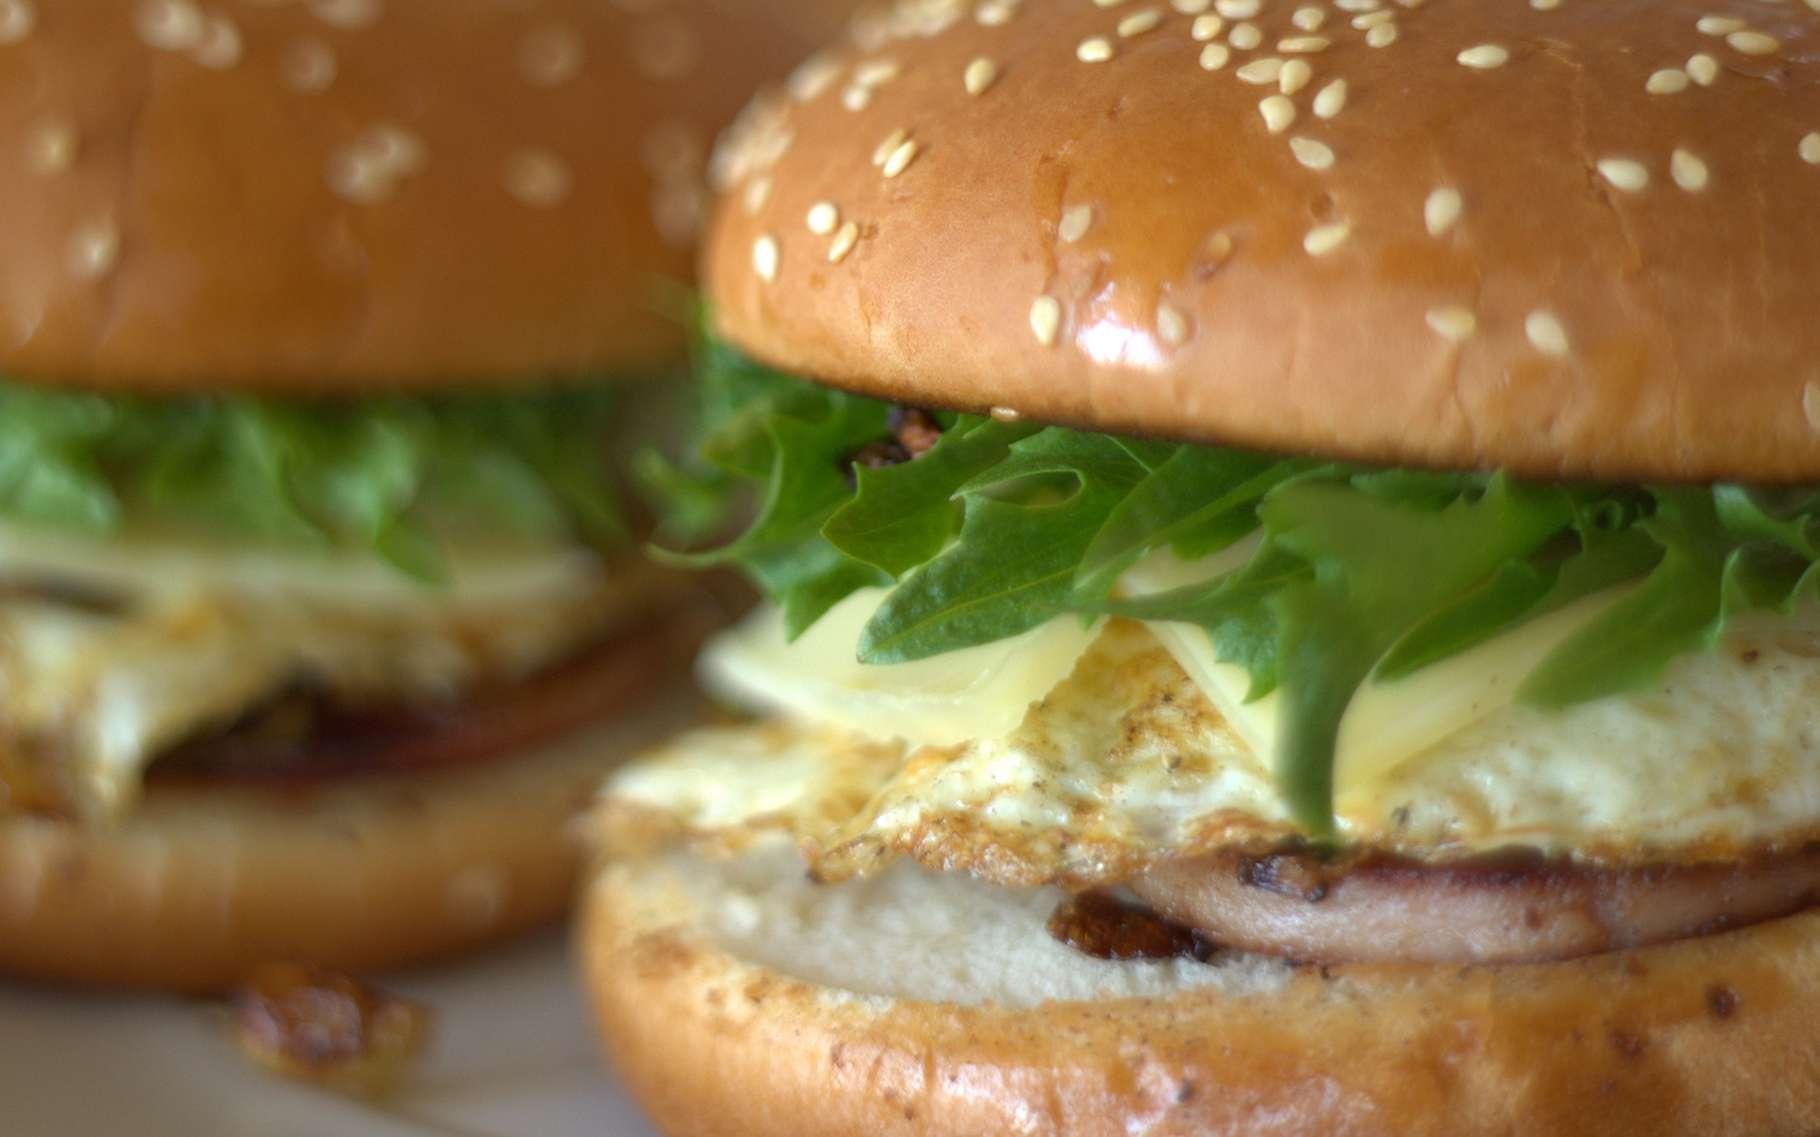 Les plats que l'on trouve dans les fast-foods sont souvent considérés comme relevant de la malbouffe. La graisse, les sucres et le sel qu'ils contiennent sont généralement nocifs pour la santé. © Lauri Rantala, Flickr, CC by 2.0